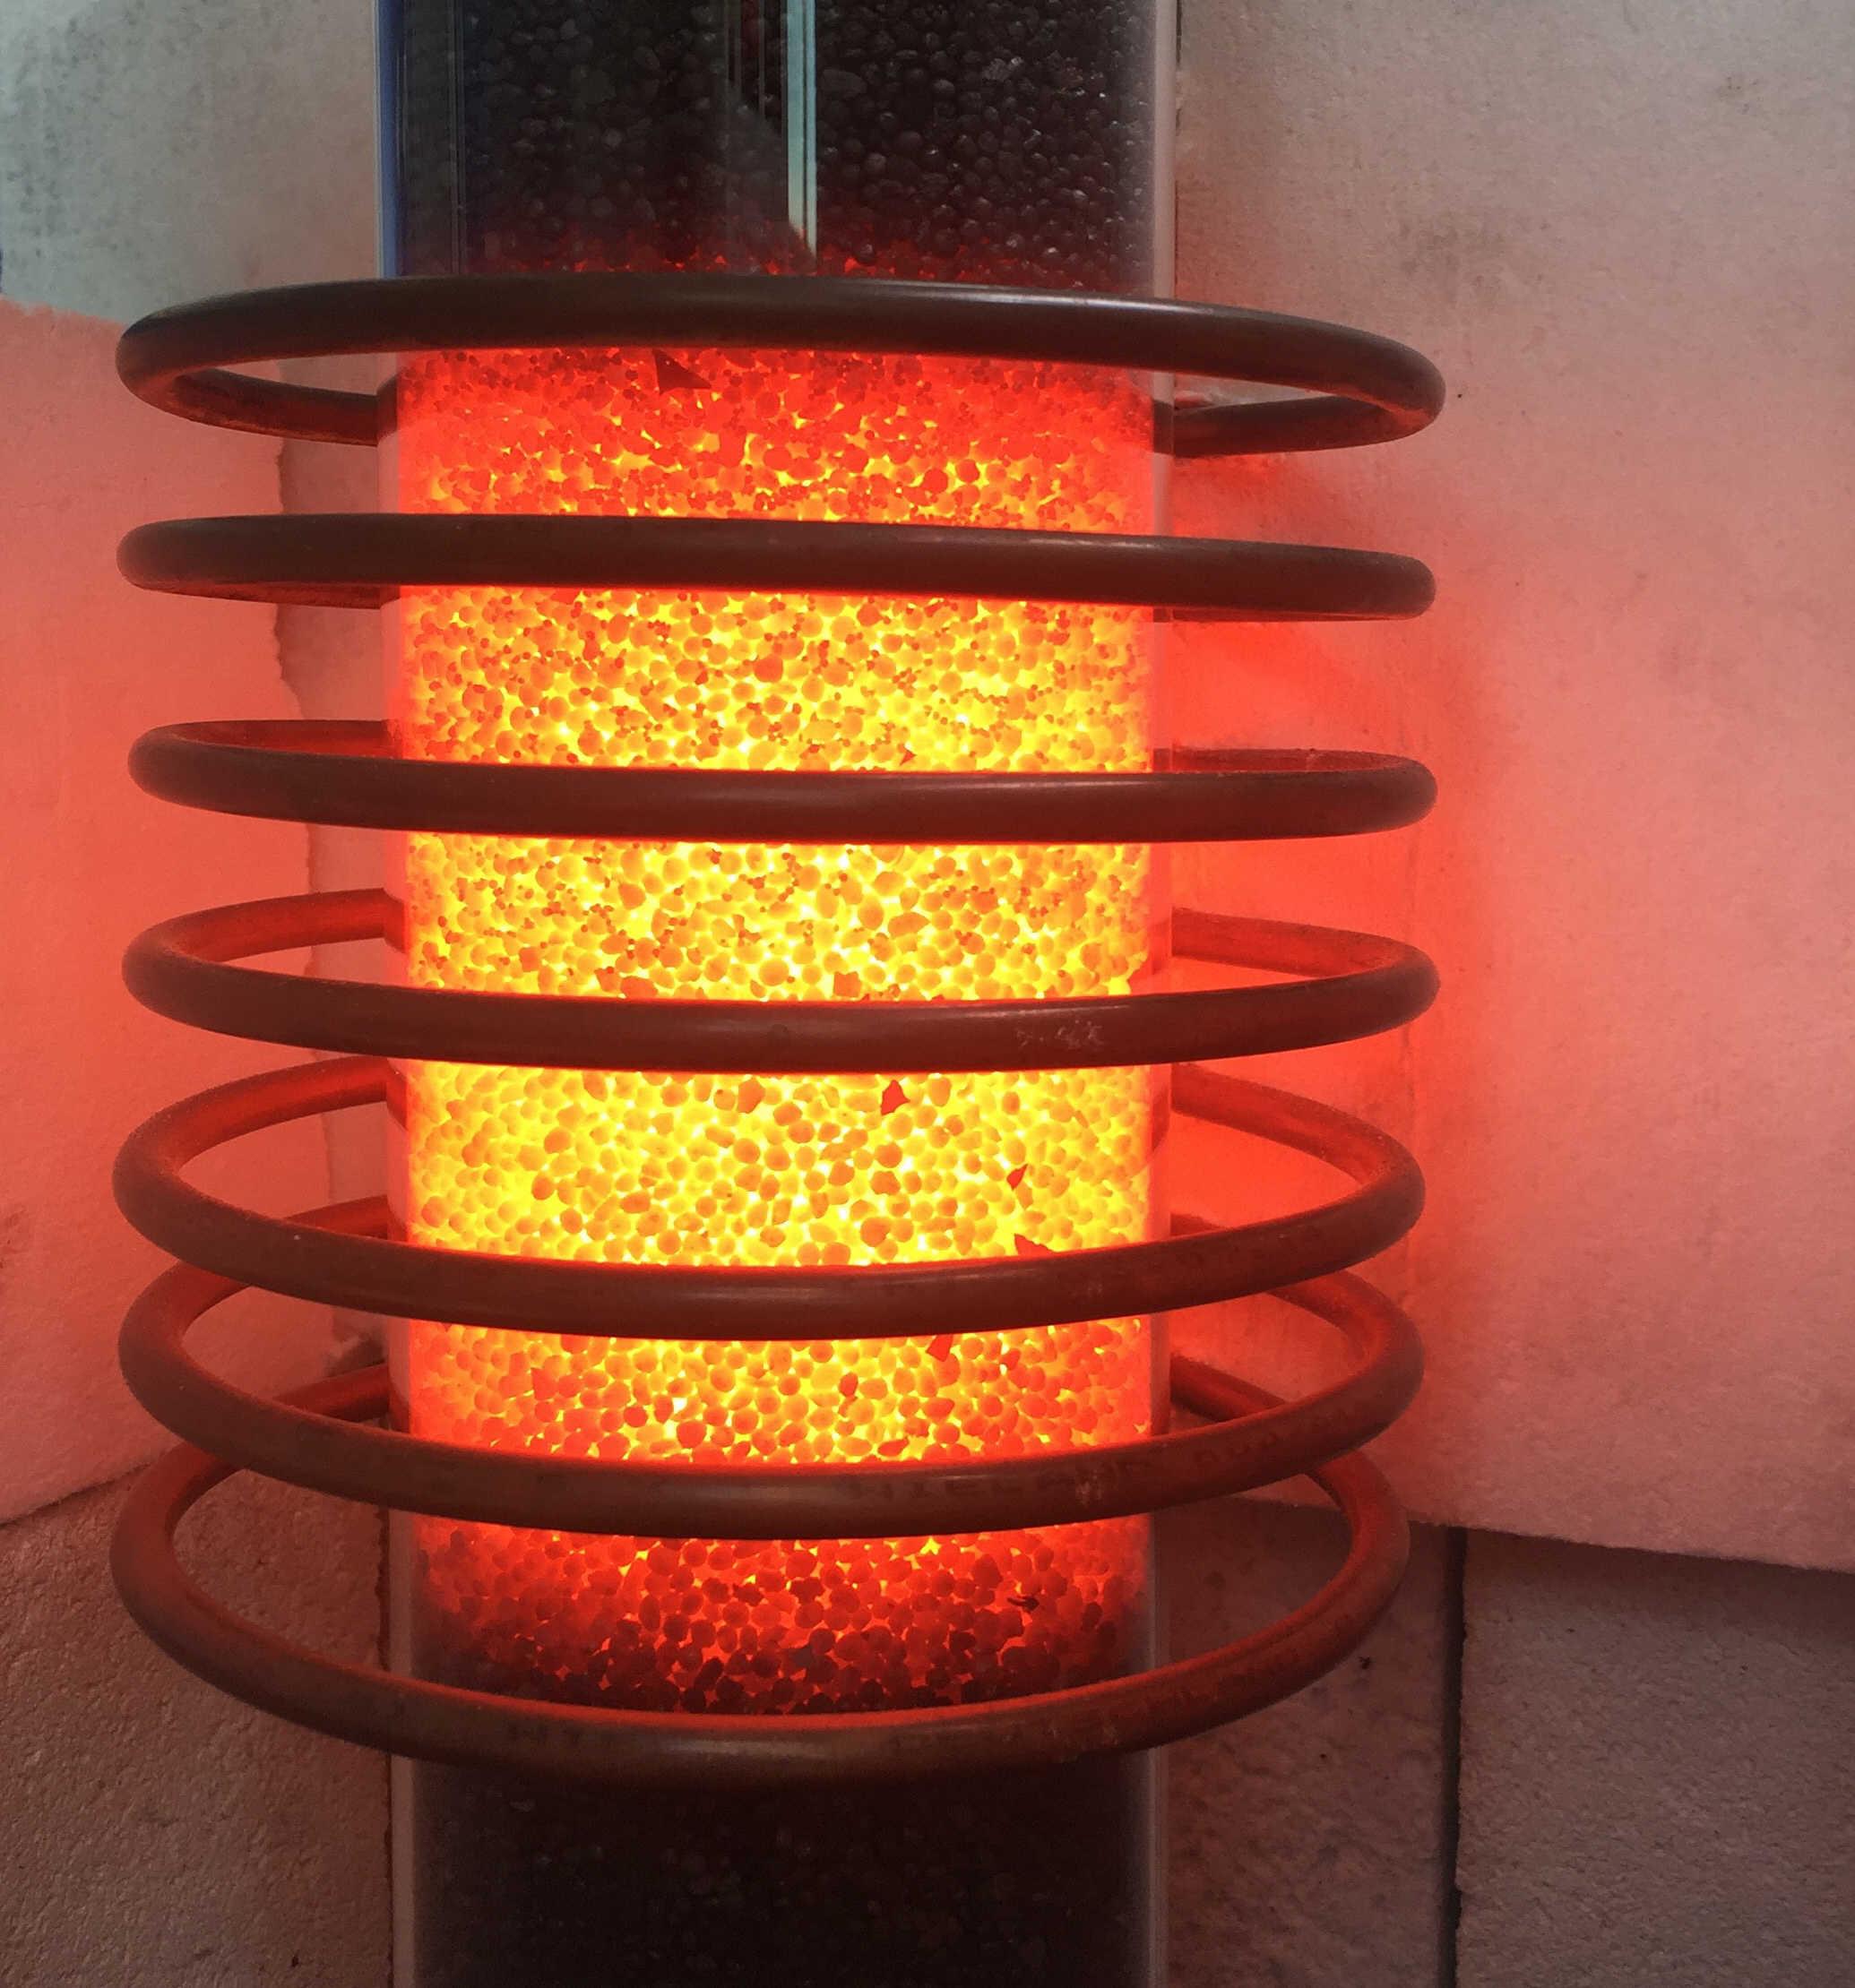 Reaktor, Wasserstoff und hochreiner Kohlenstoff